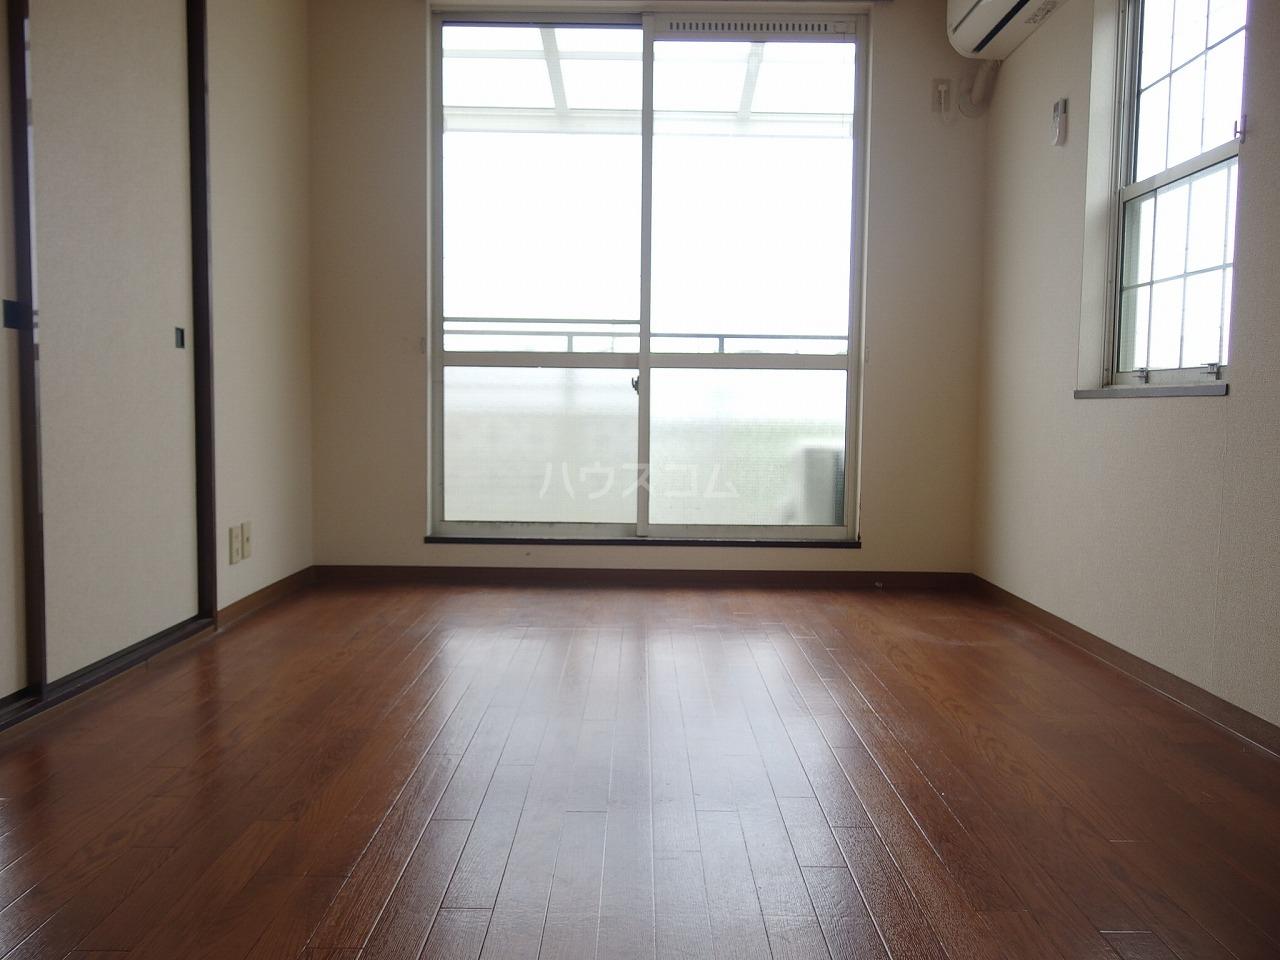 グレース桜ヶ丘 101号室のリビング